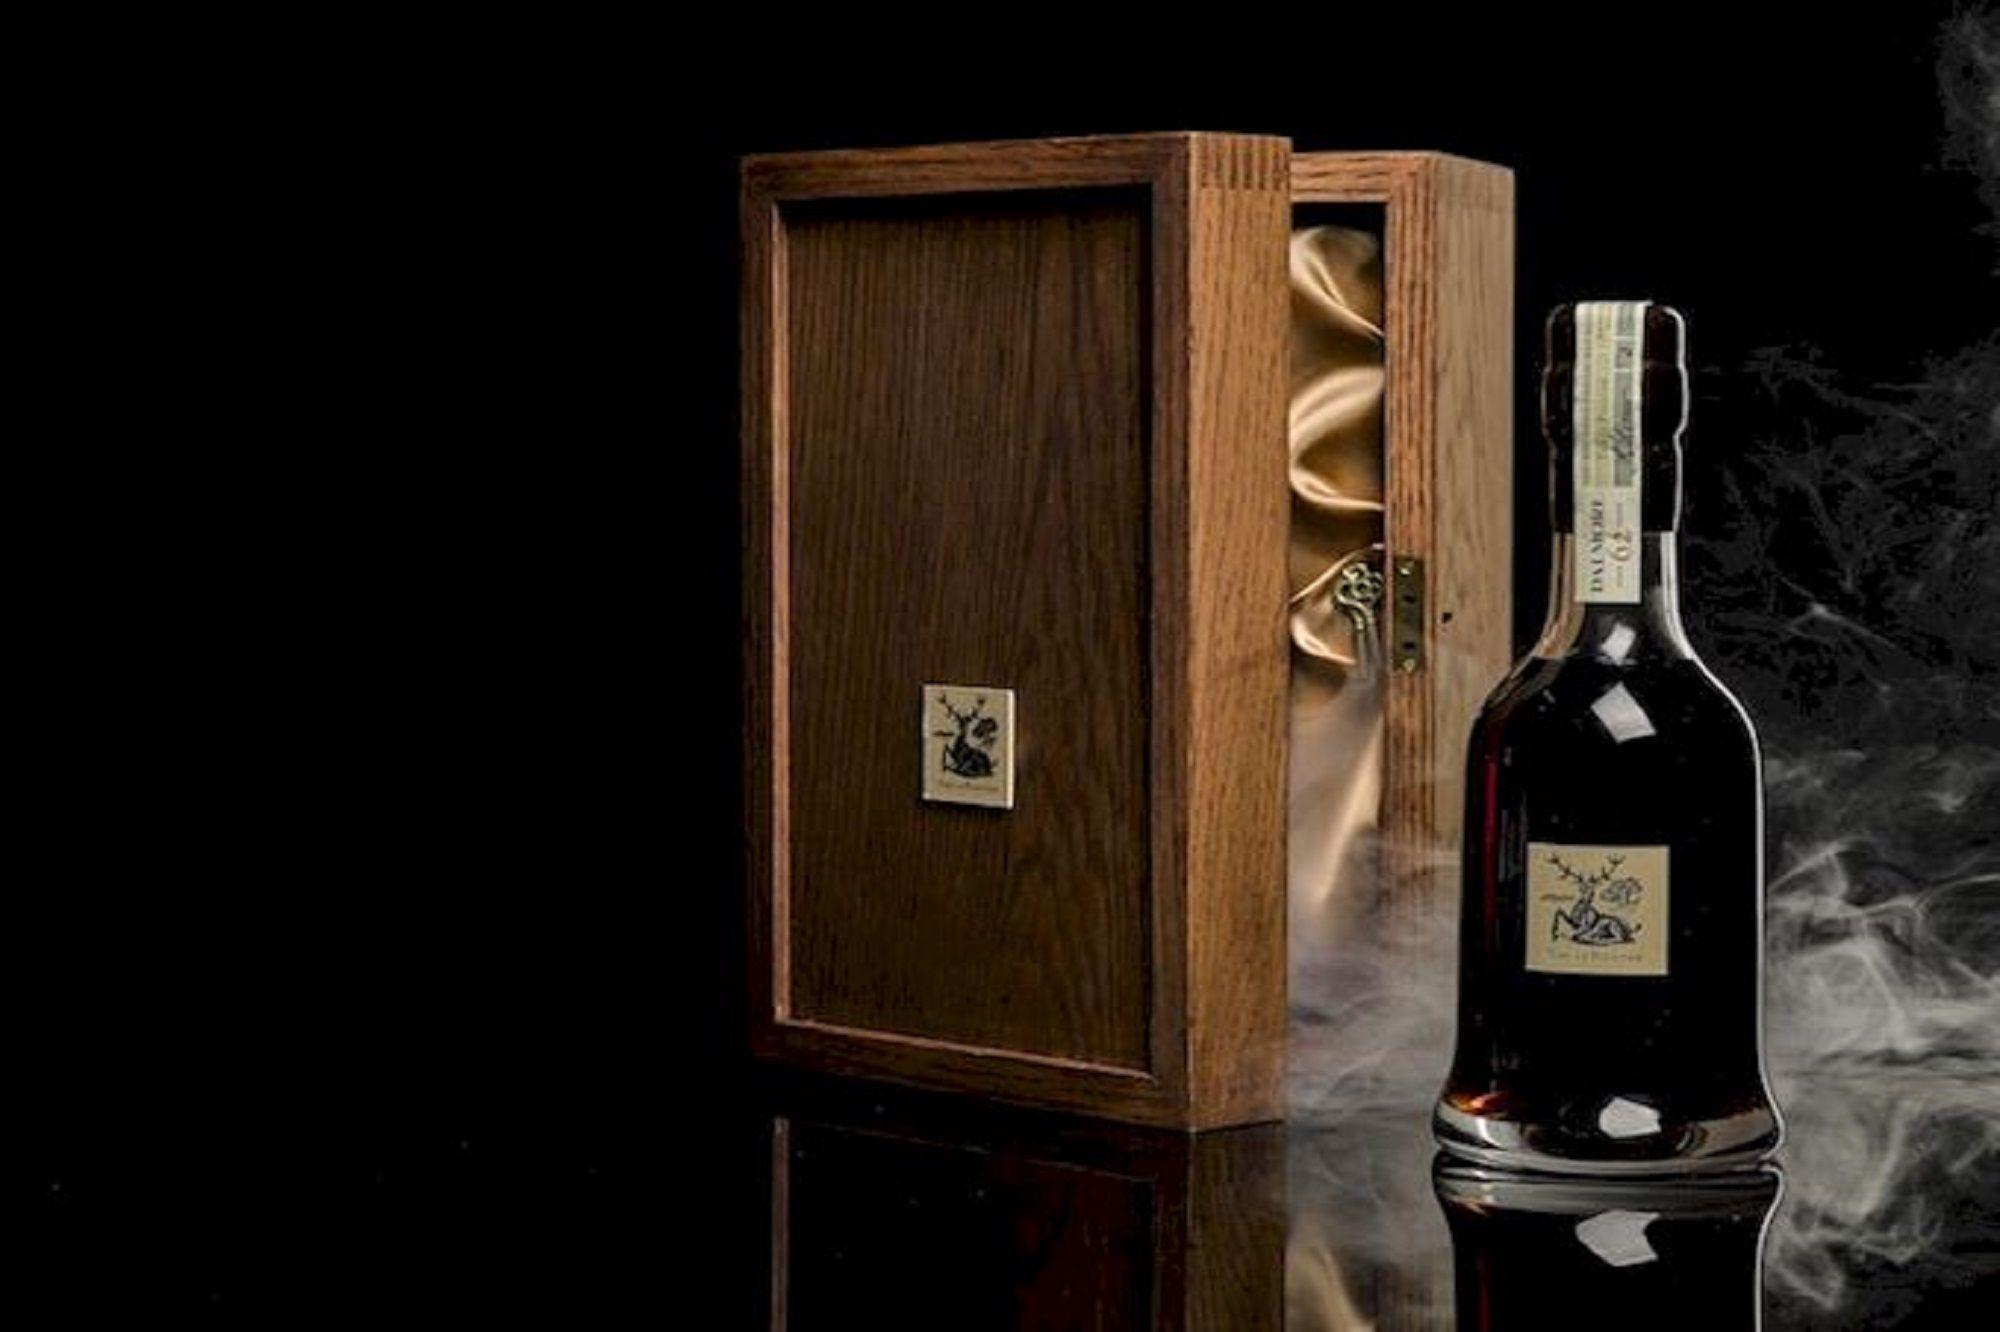 La légende d'un whisky : The Dalmore